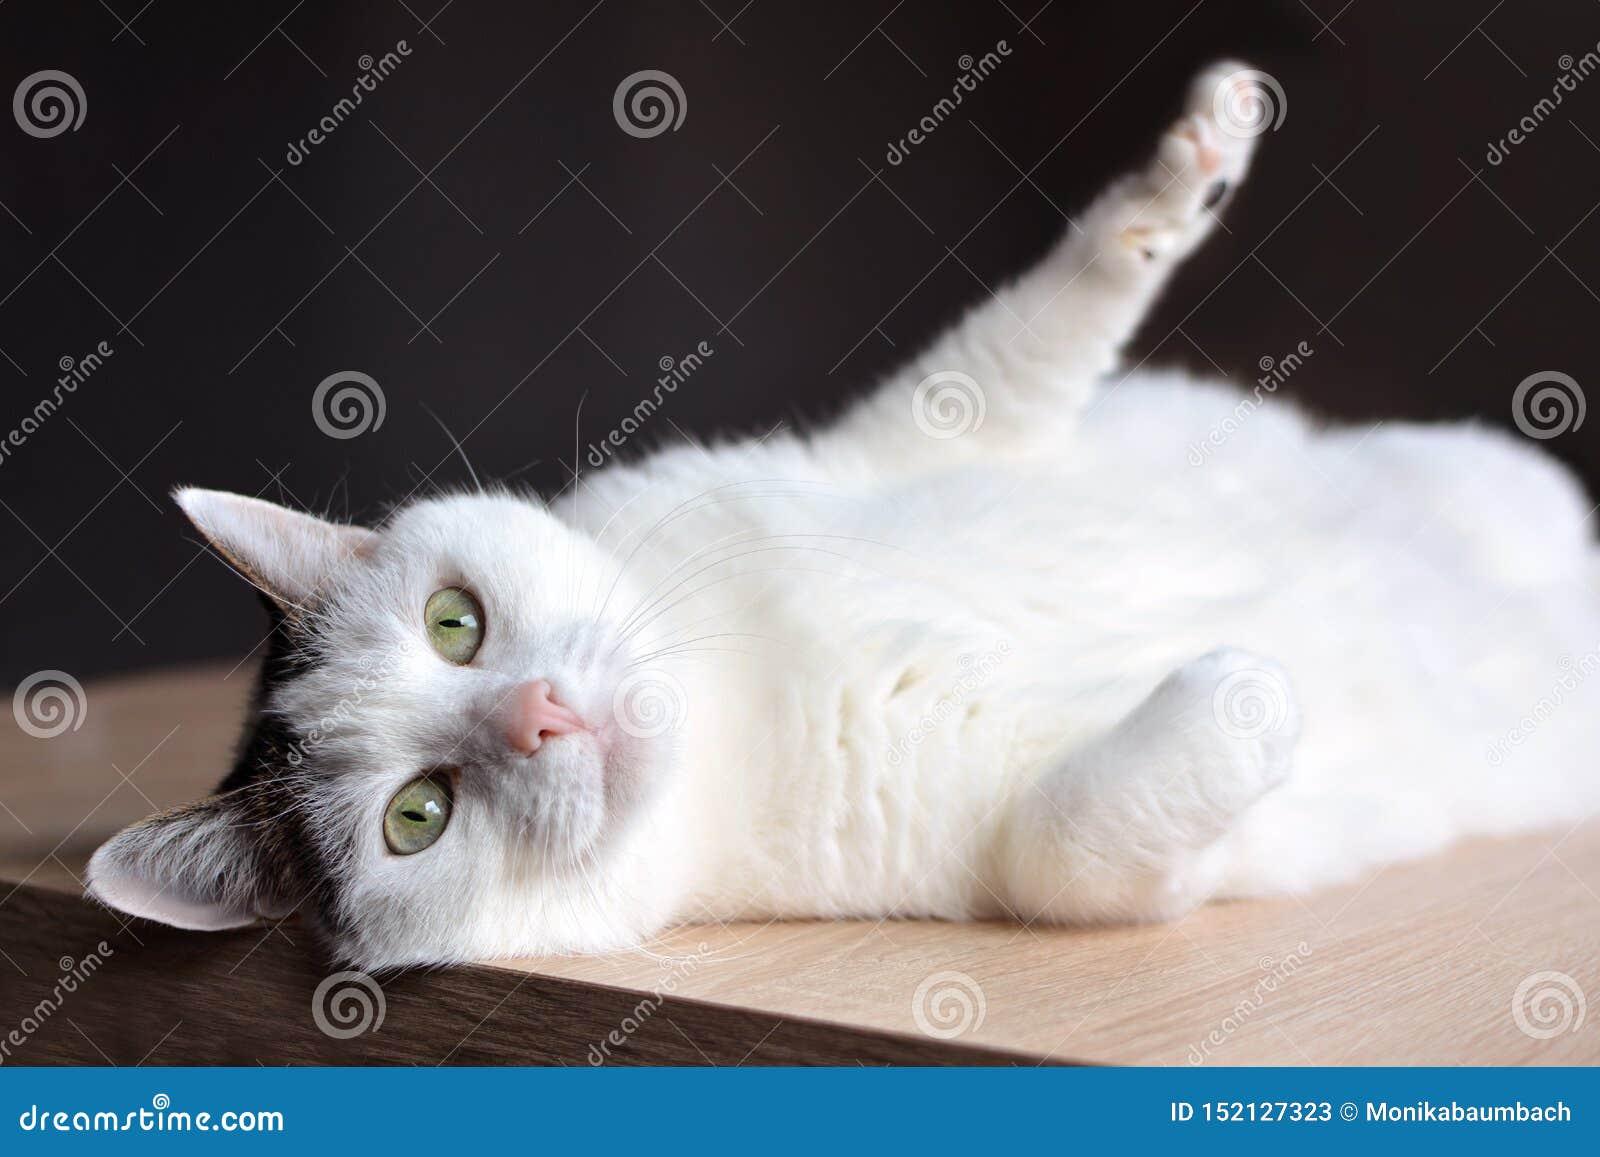 Gato branco do gato malhado com olhos verdes e o nariz cor-de-rosa que encontram-se no assoalho de madeira no fundo escuro